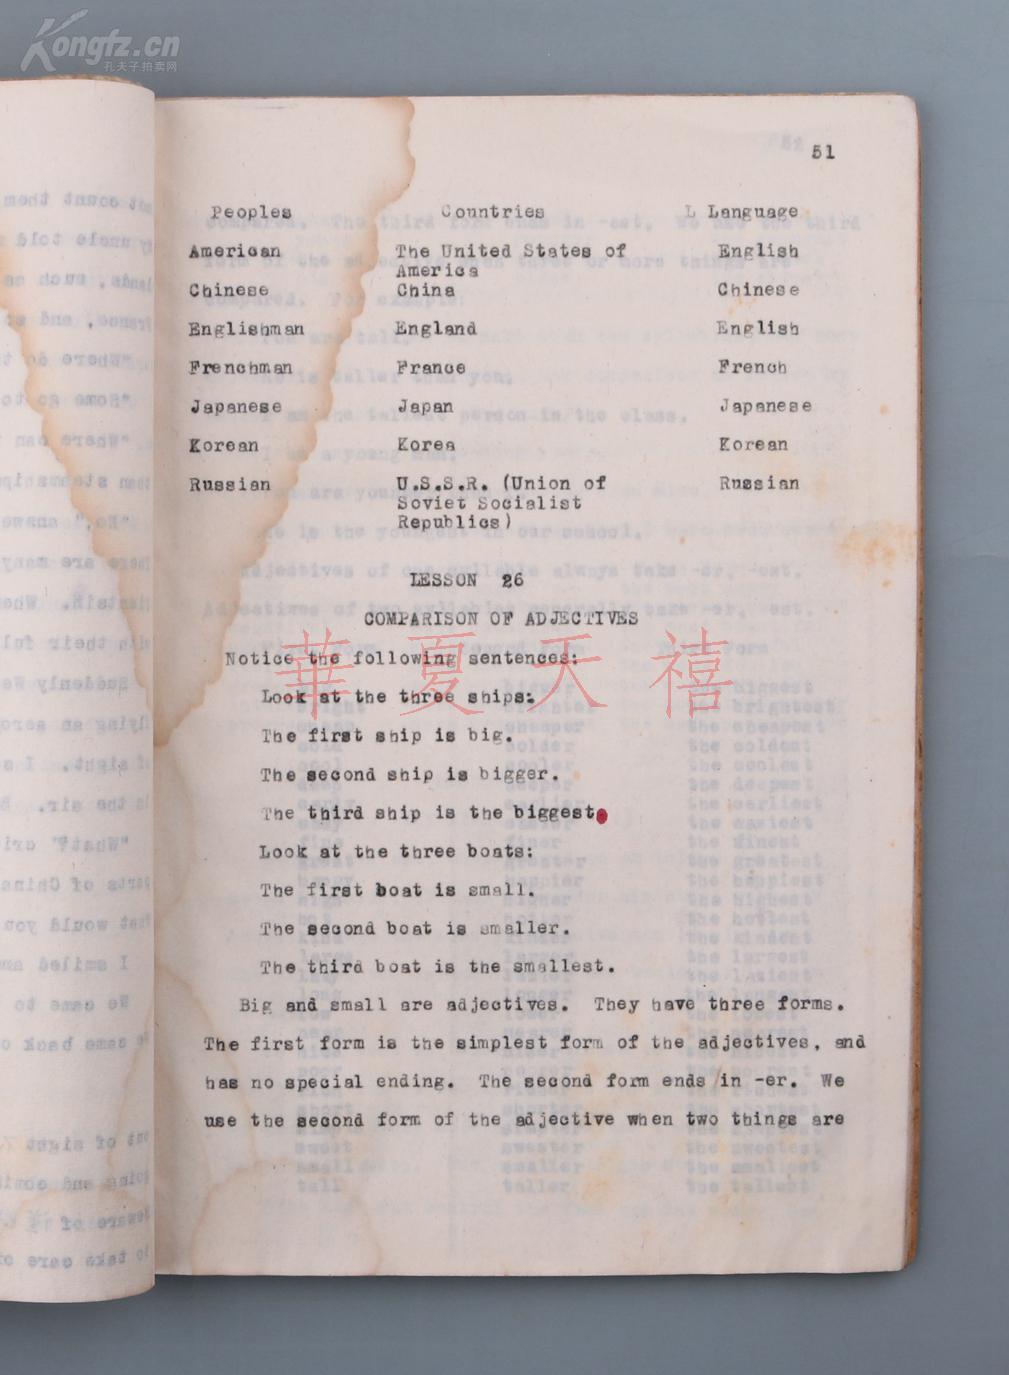 著名教育家、文字学家、历史学家林汉达195初中浴室种子学校图片